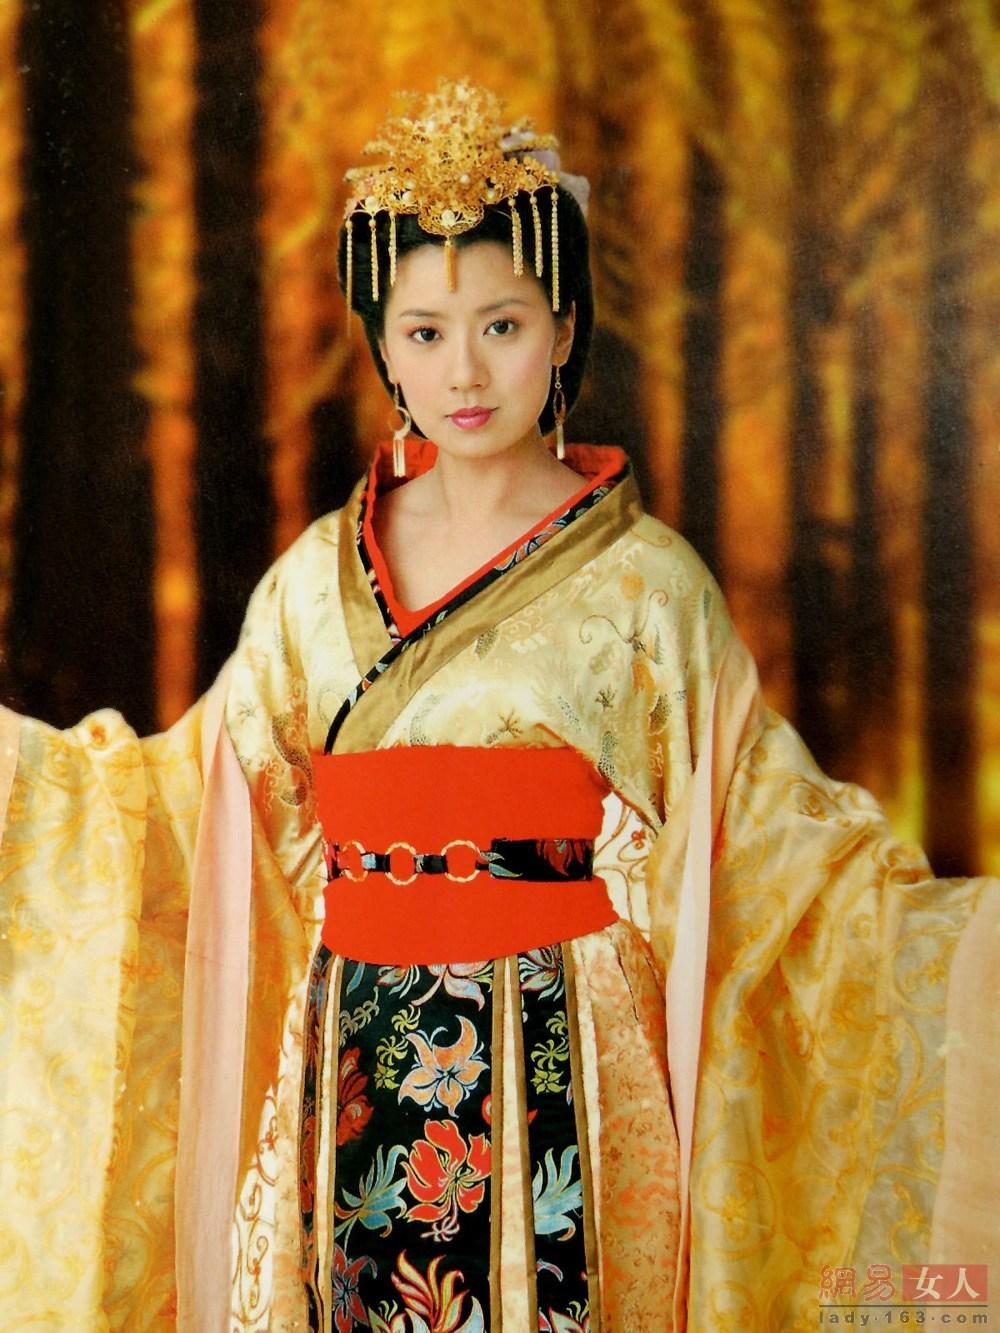 范冰冰版武则天美哭了 中韩皇后颜值大比拼